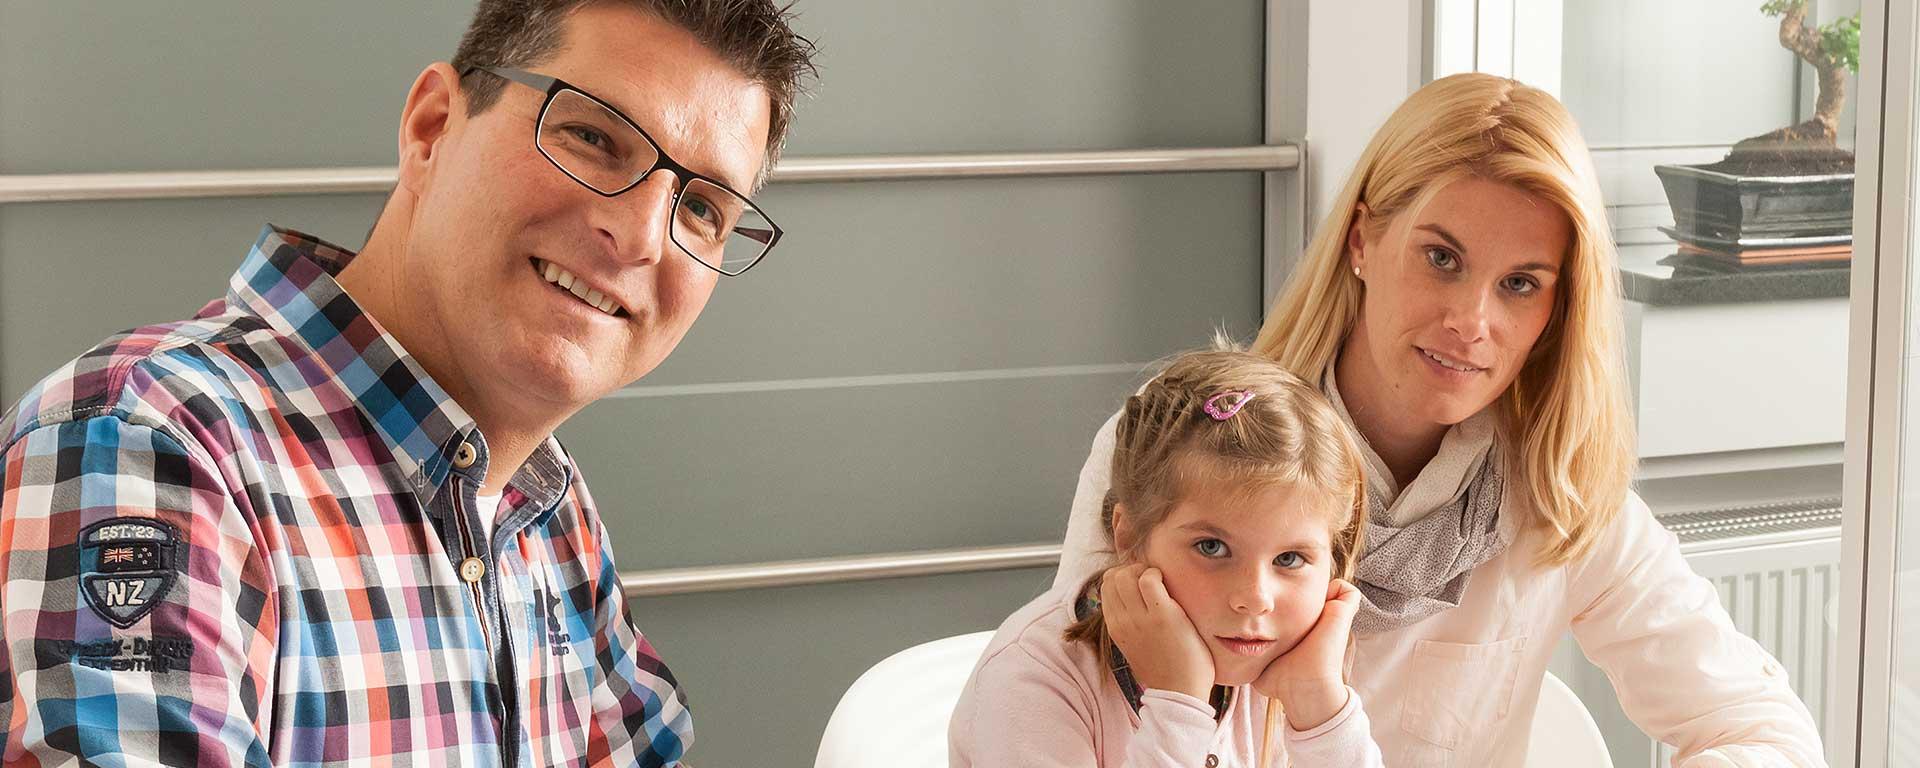 Warum Kieferorthopädie? Wir beraten Sie gern!